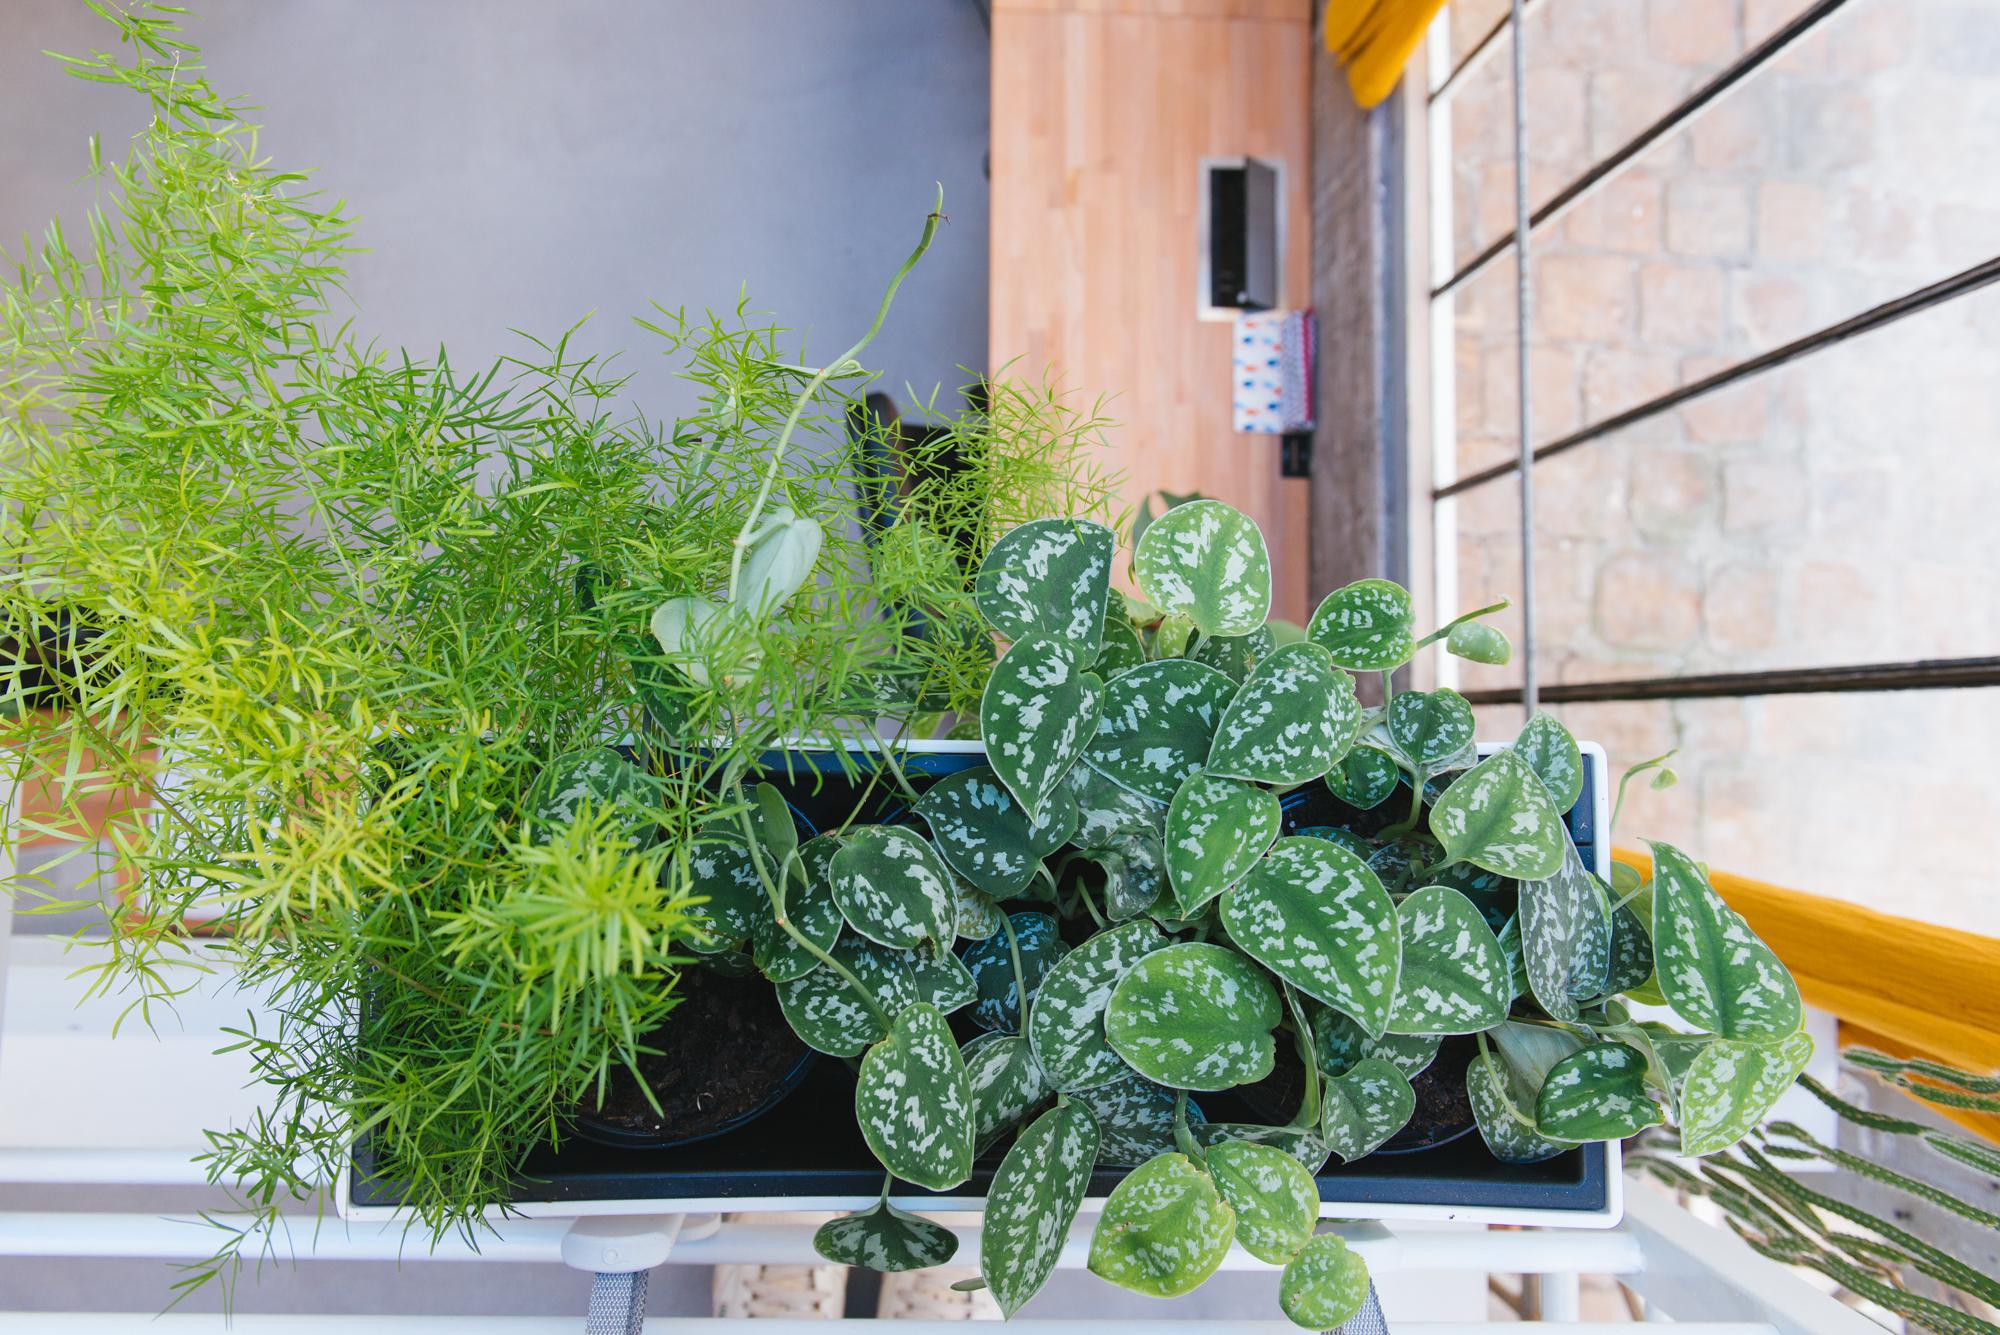 jardinières bureau végétalisation bureaux décoration végétale d'intérieur